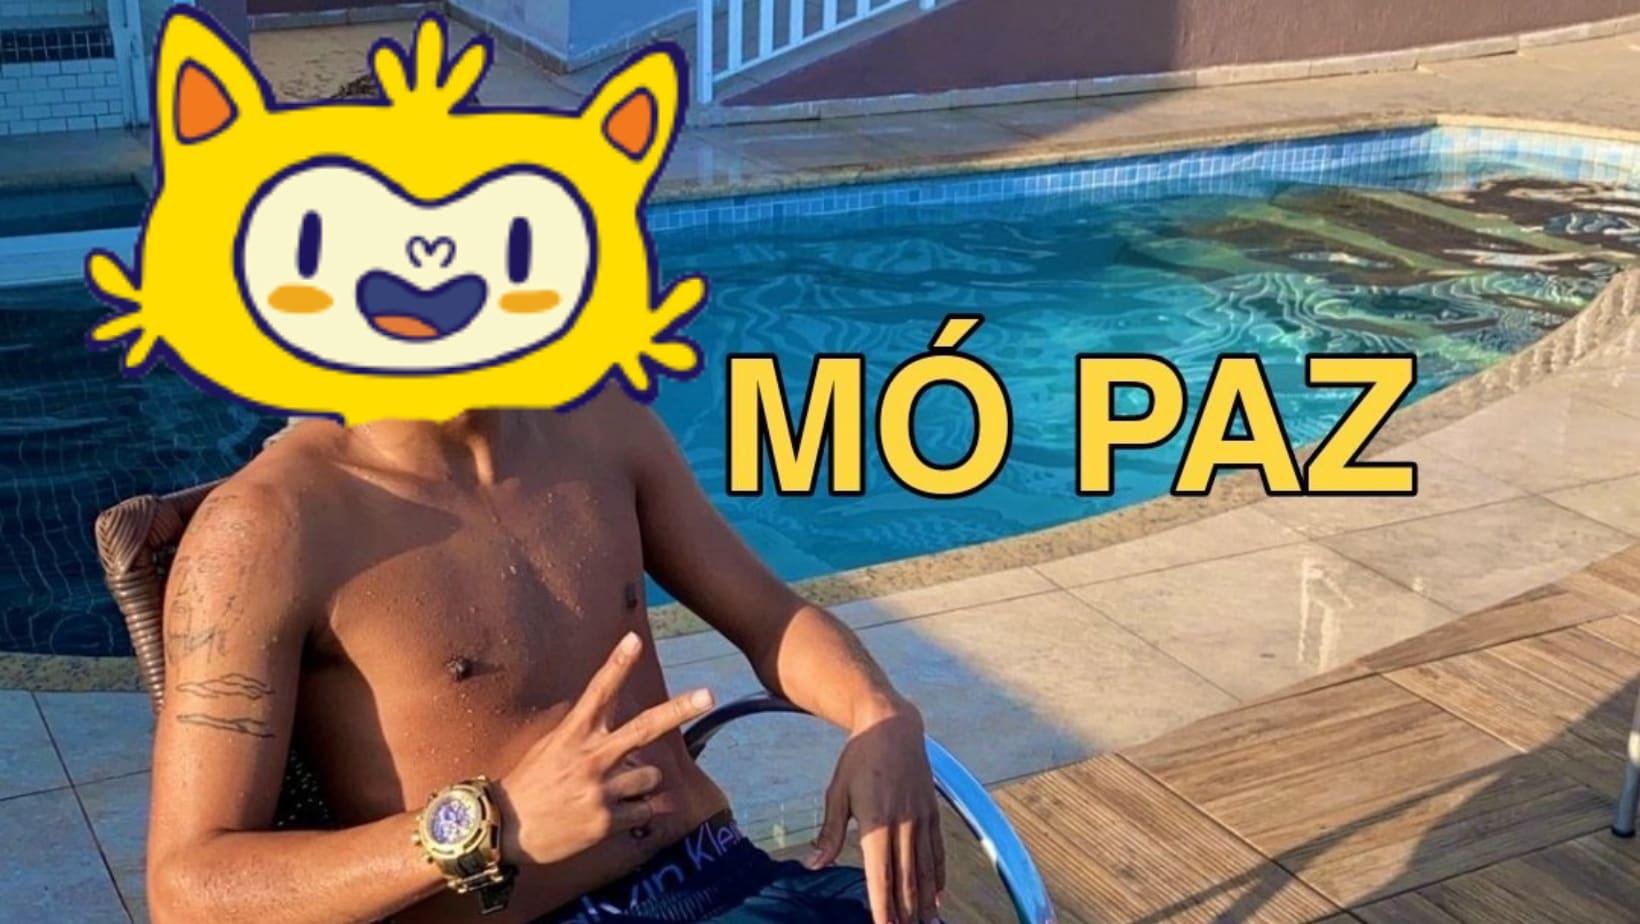 """Meme de mc pose falando """"Mó paz"""", mas com o rosto de vinícius, o mascote das olimpíadas."""